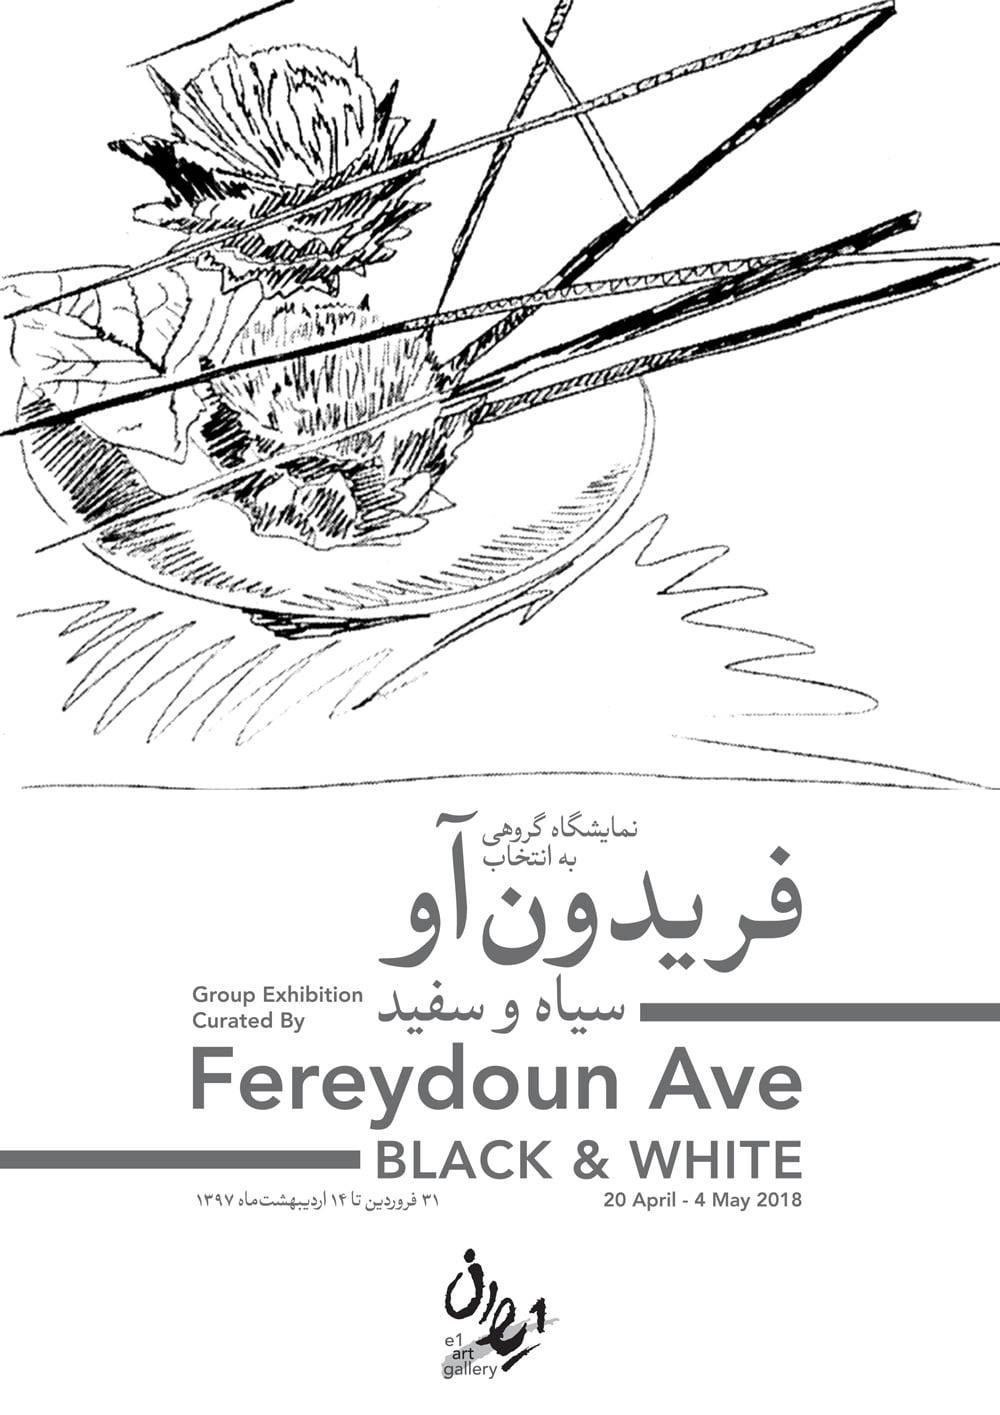 fereydoun-ave-black-white